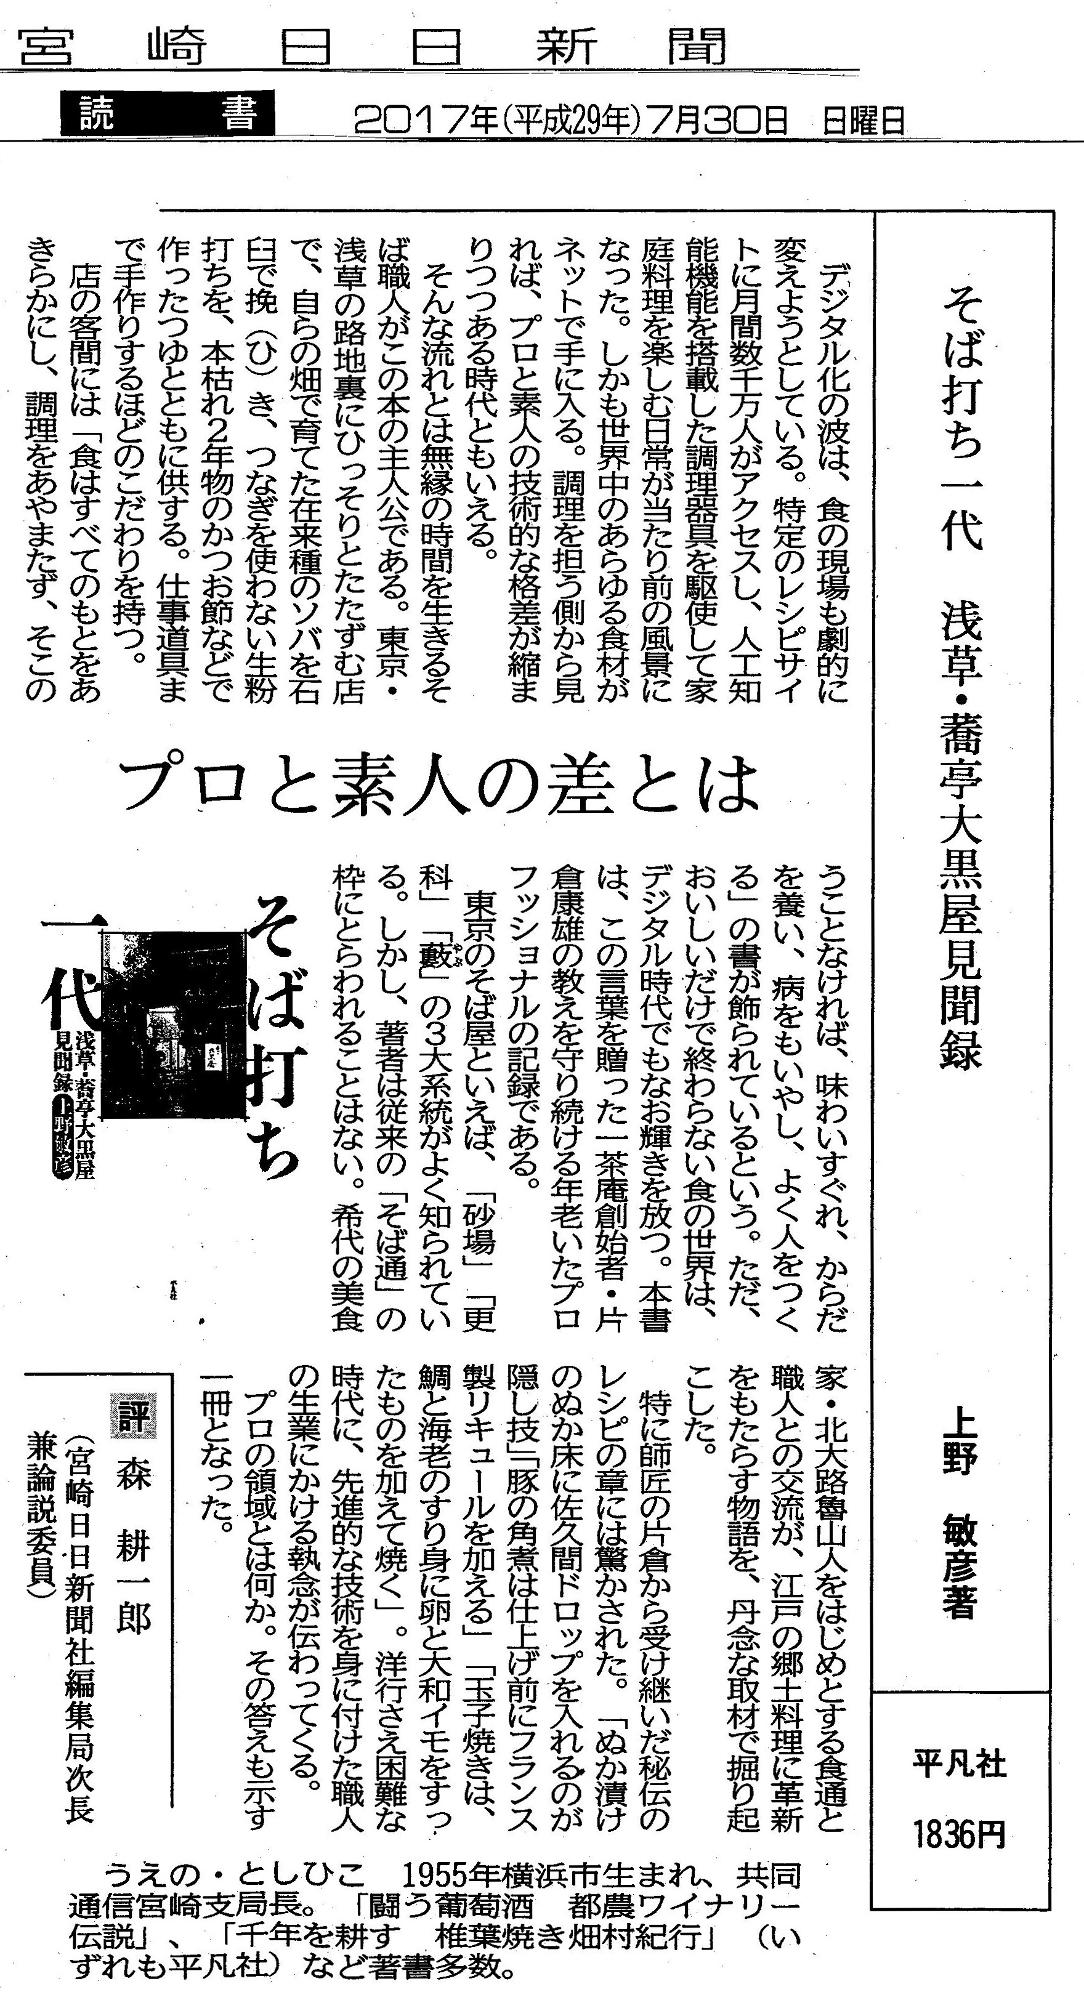 そば打ち一代 宮崎日日新聞・書評